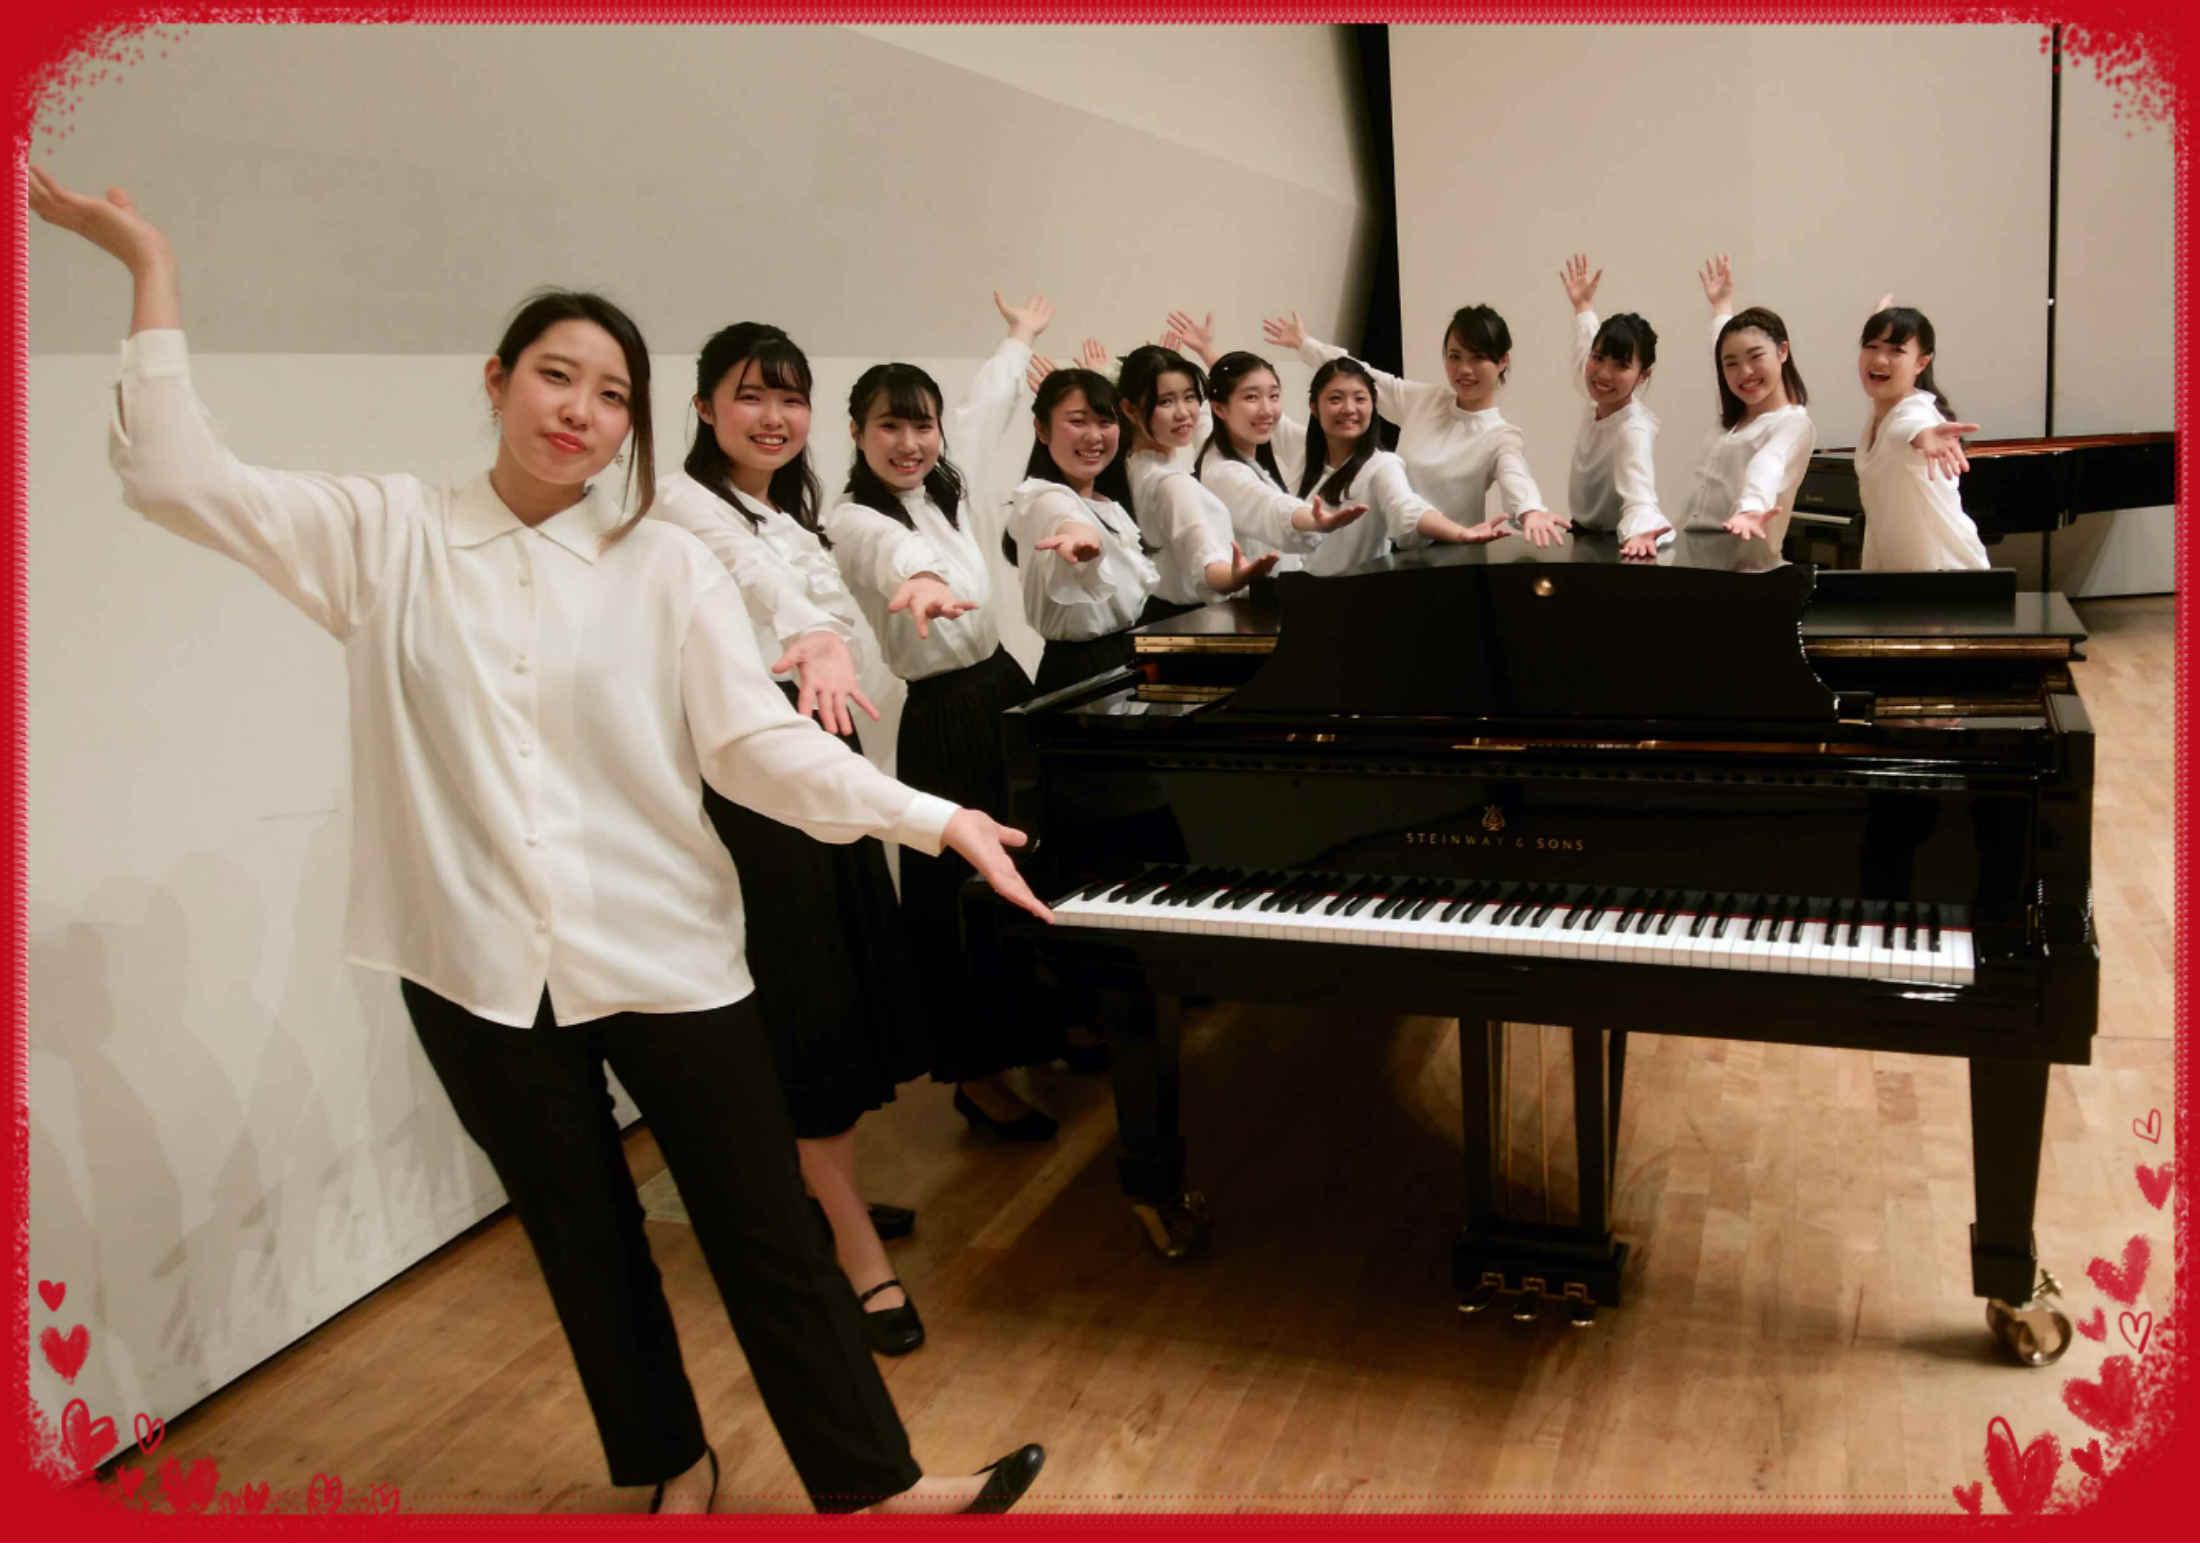 大ホールに満ち溢れたピアノの音色!